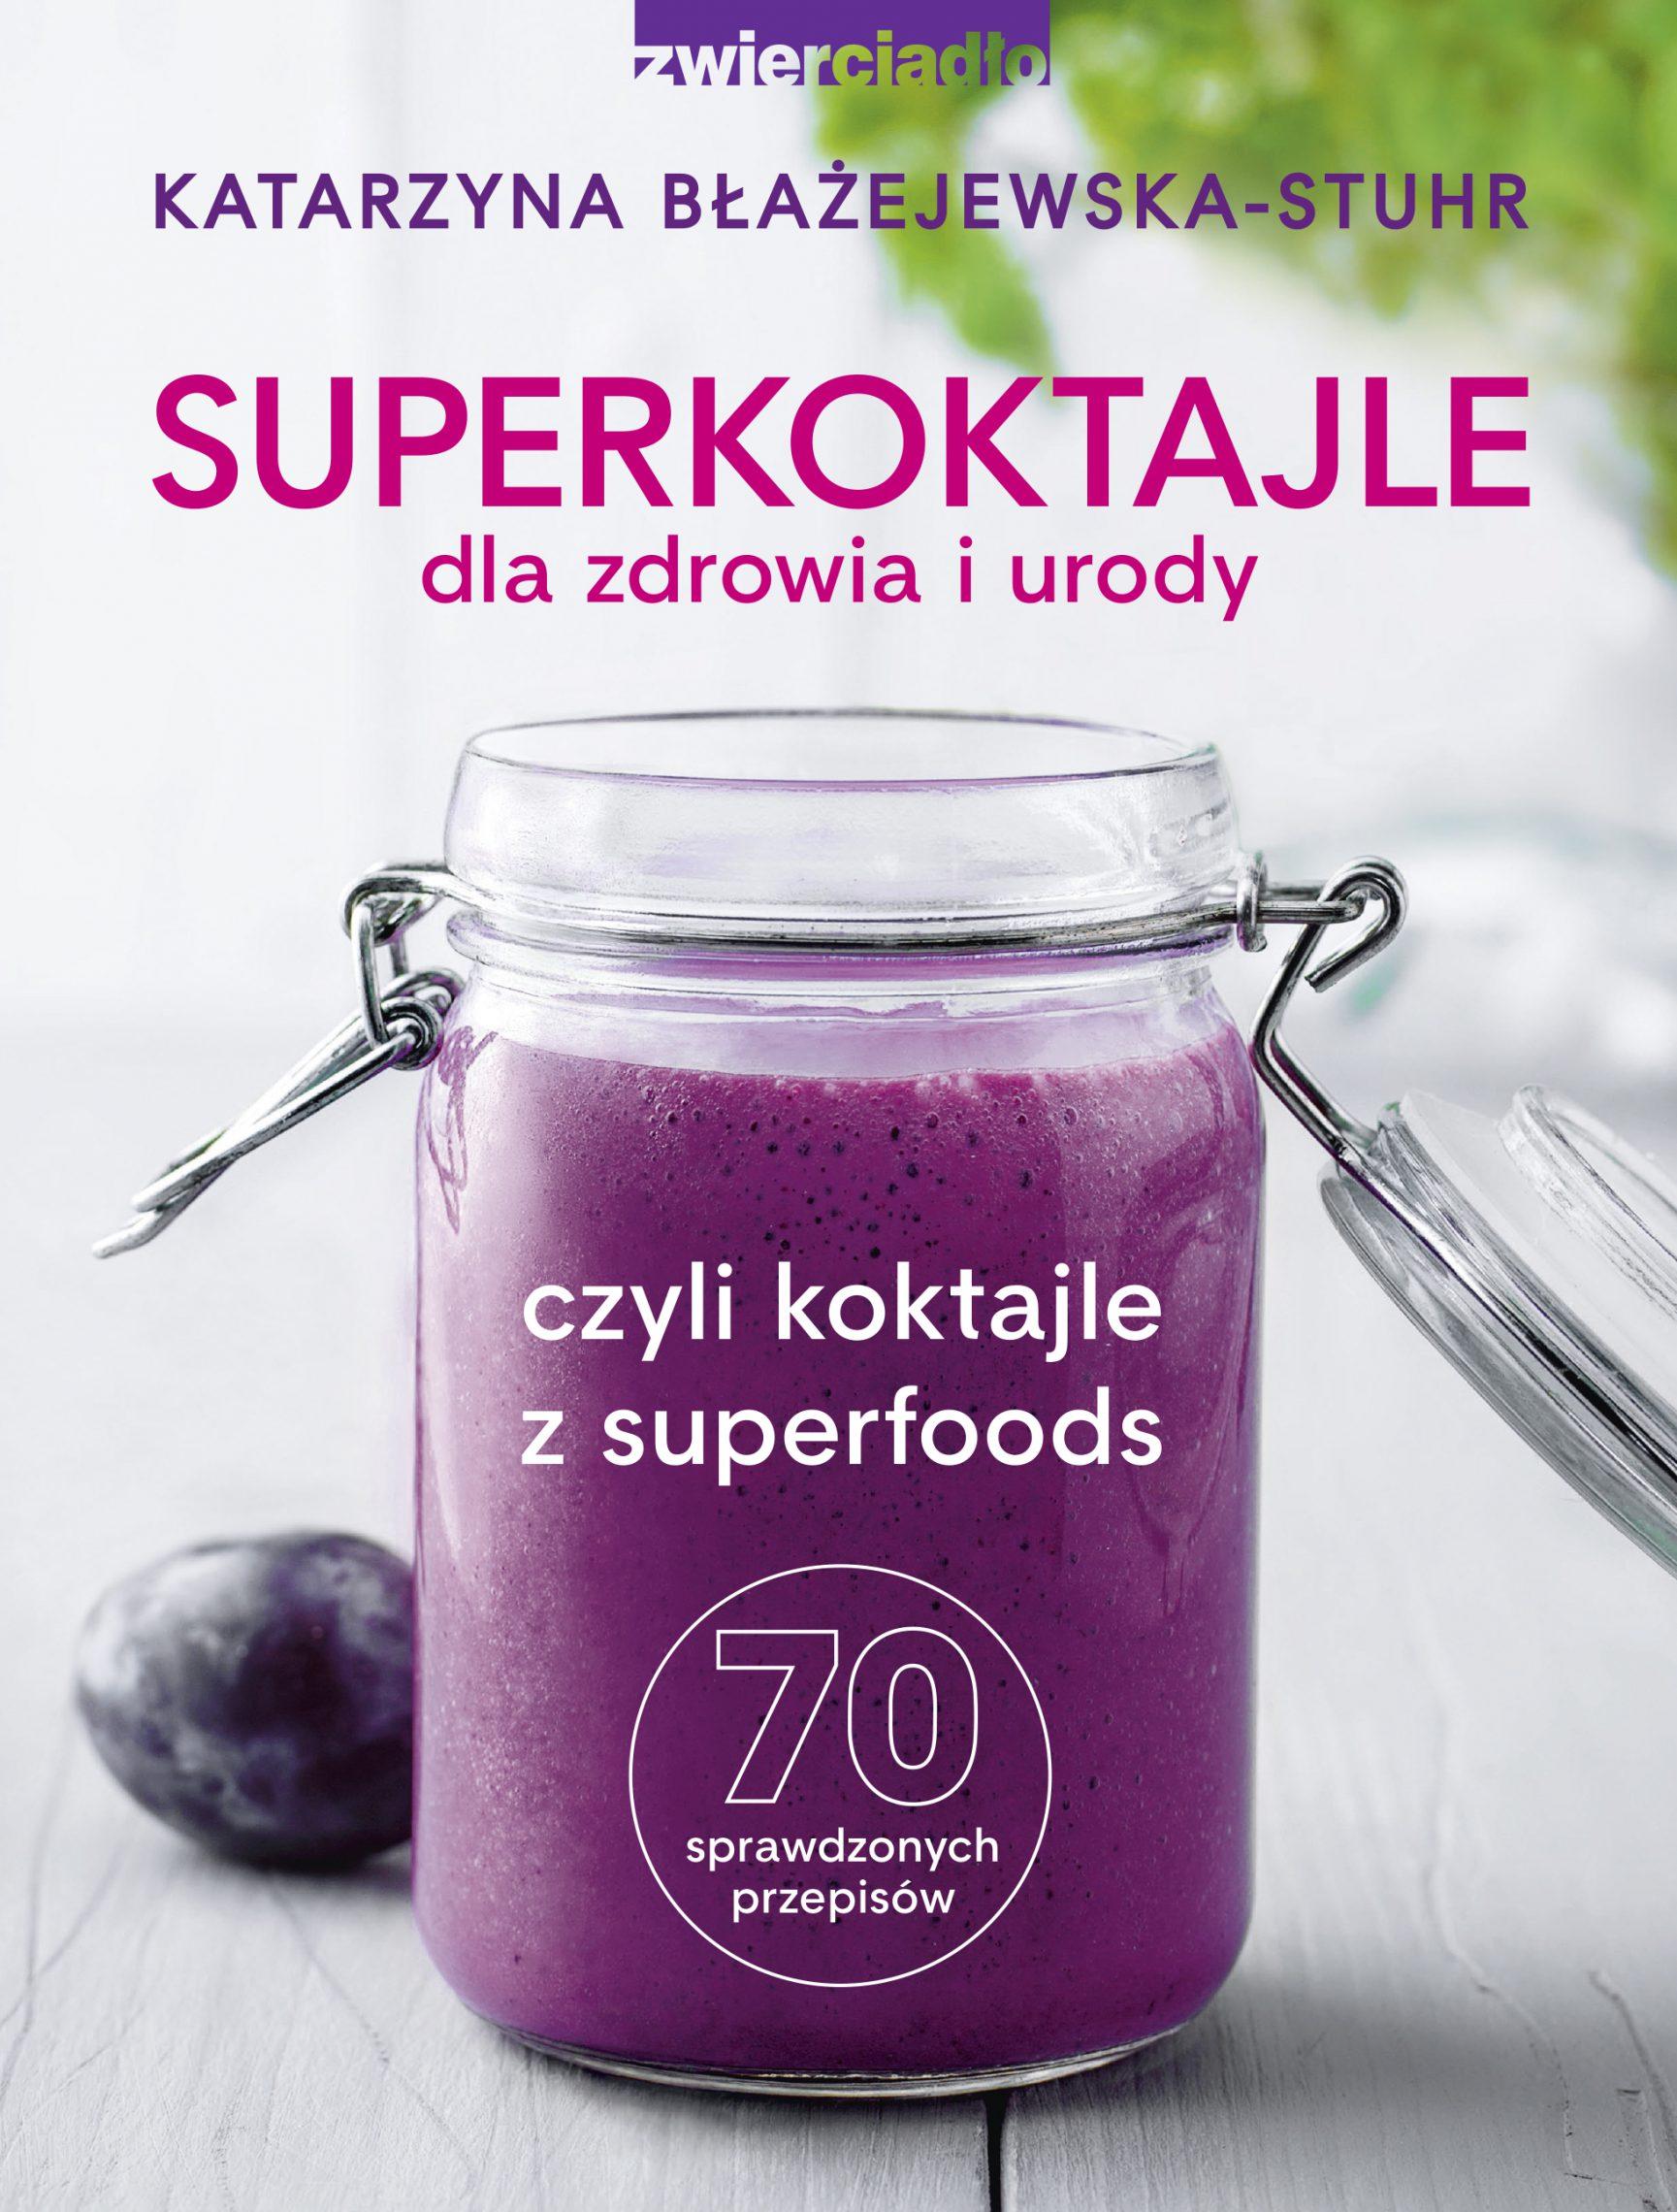 Superkoktajle dla zdrowia i urody. czyli koktajle z superfoods  - Katarzyna Błażejewska-Stuhr